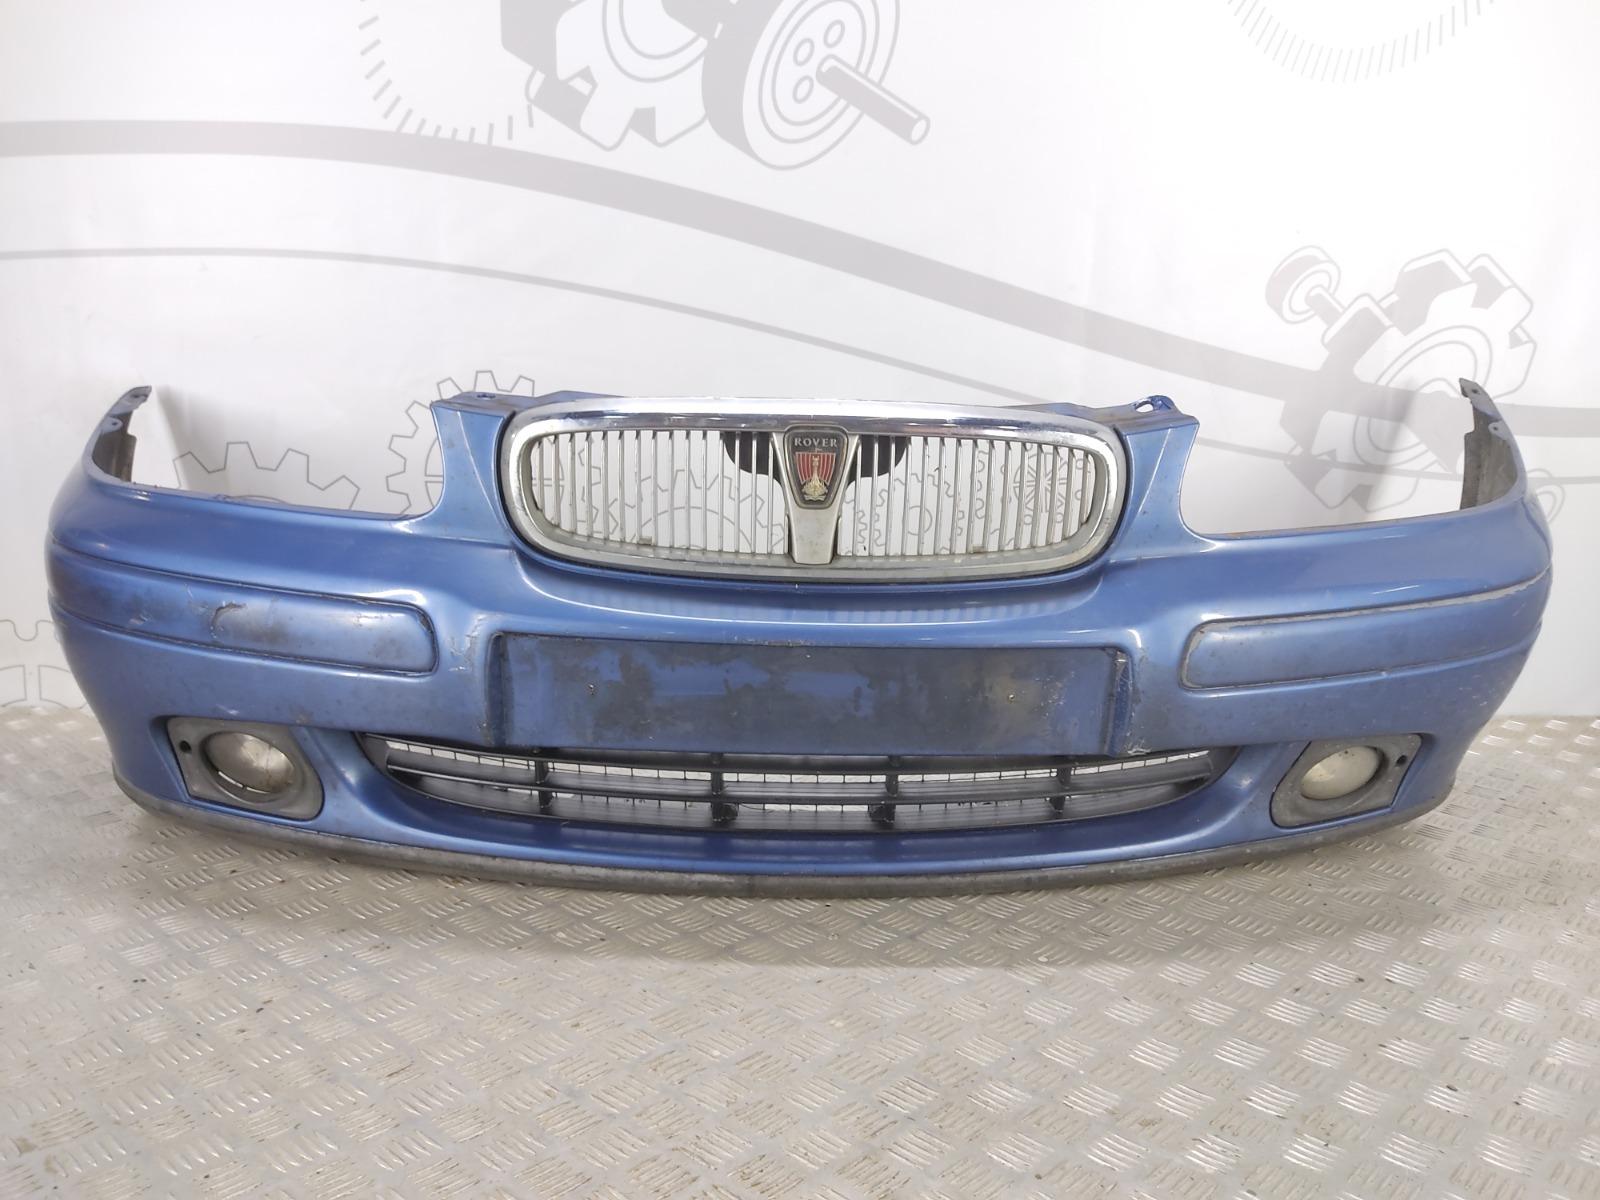 Бампер передний Rover 416 1.6 I 1999 (б/у)